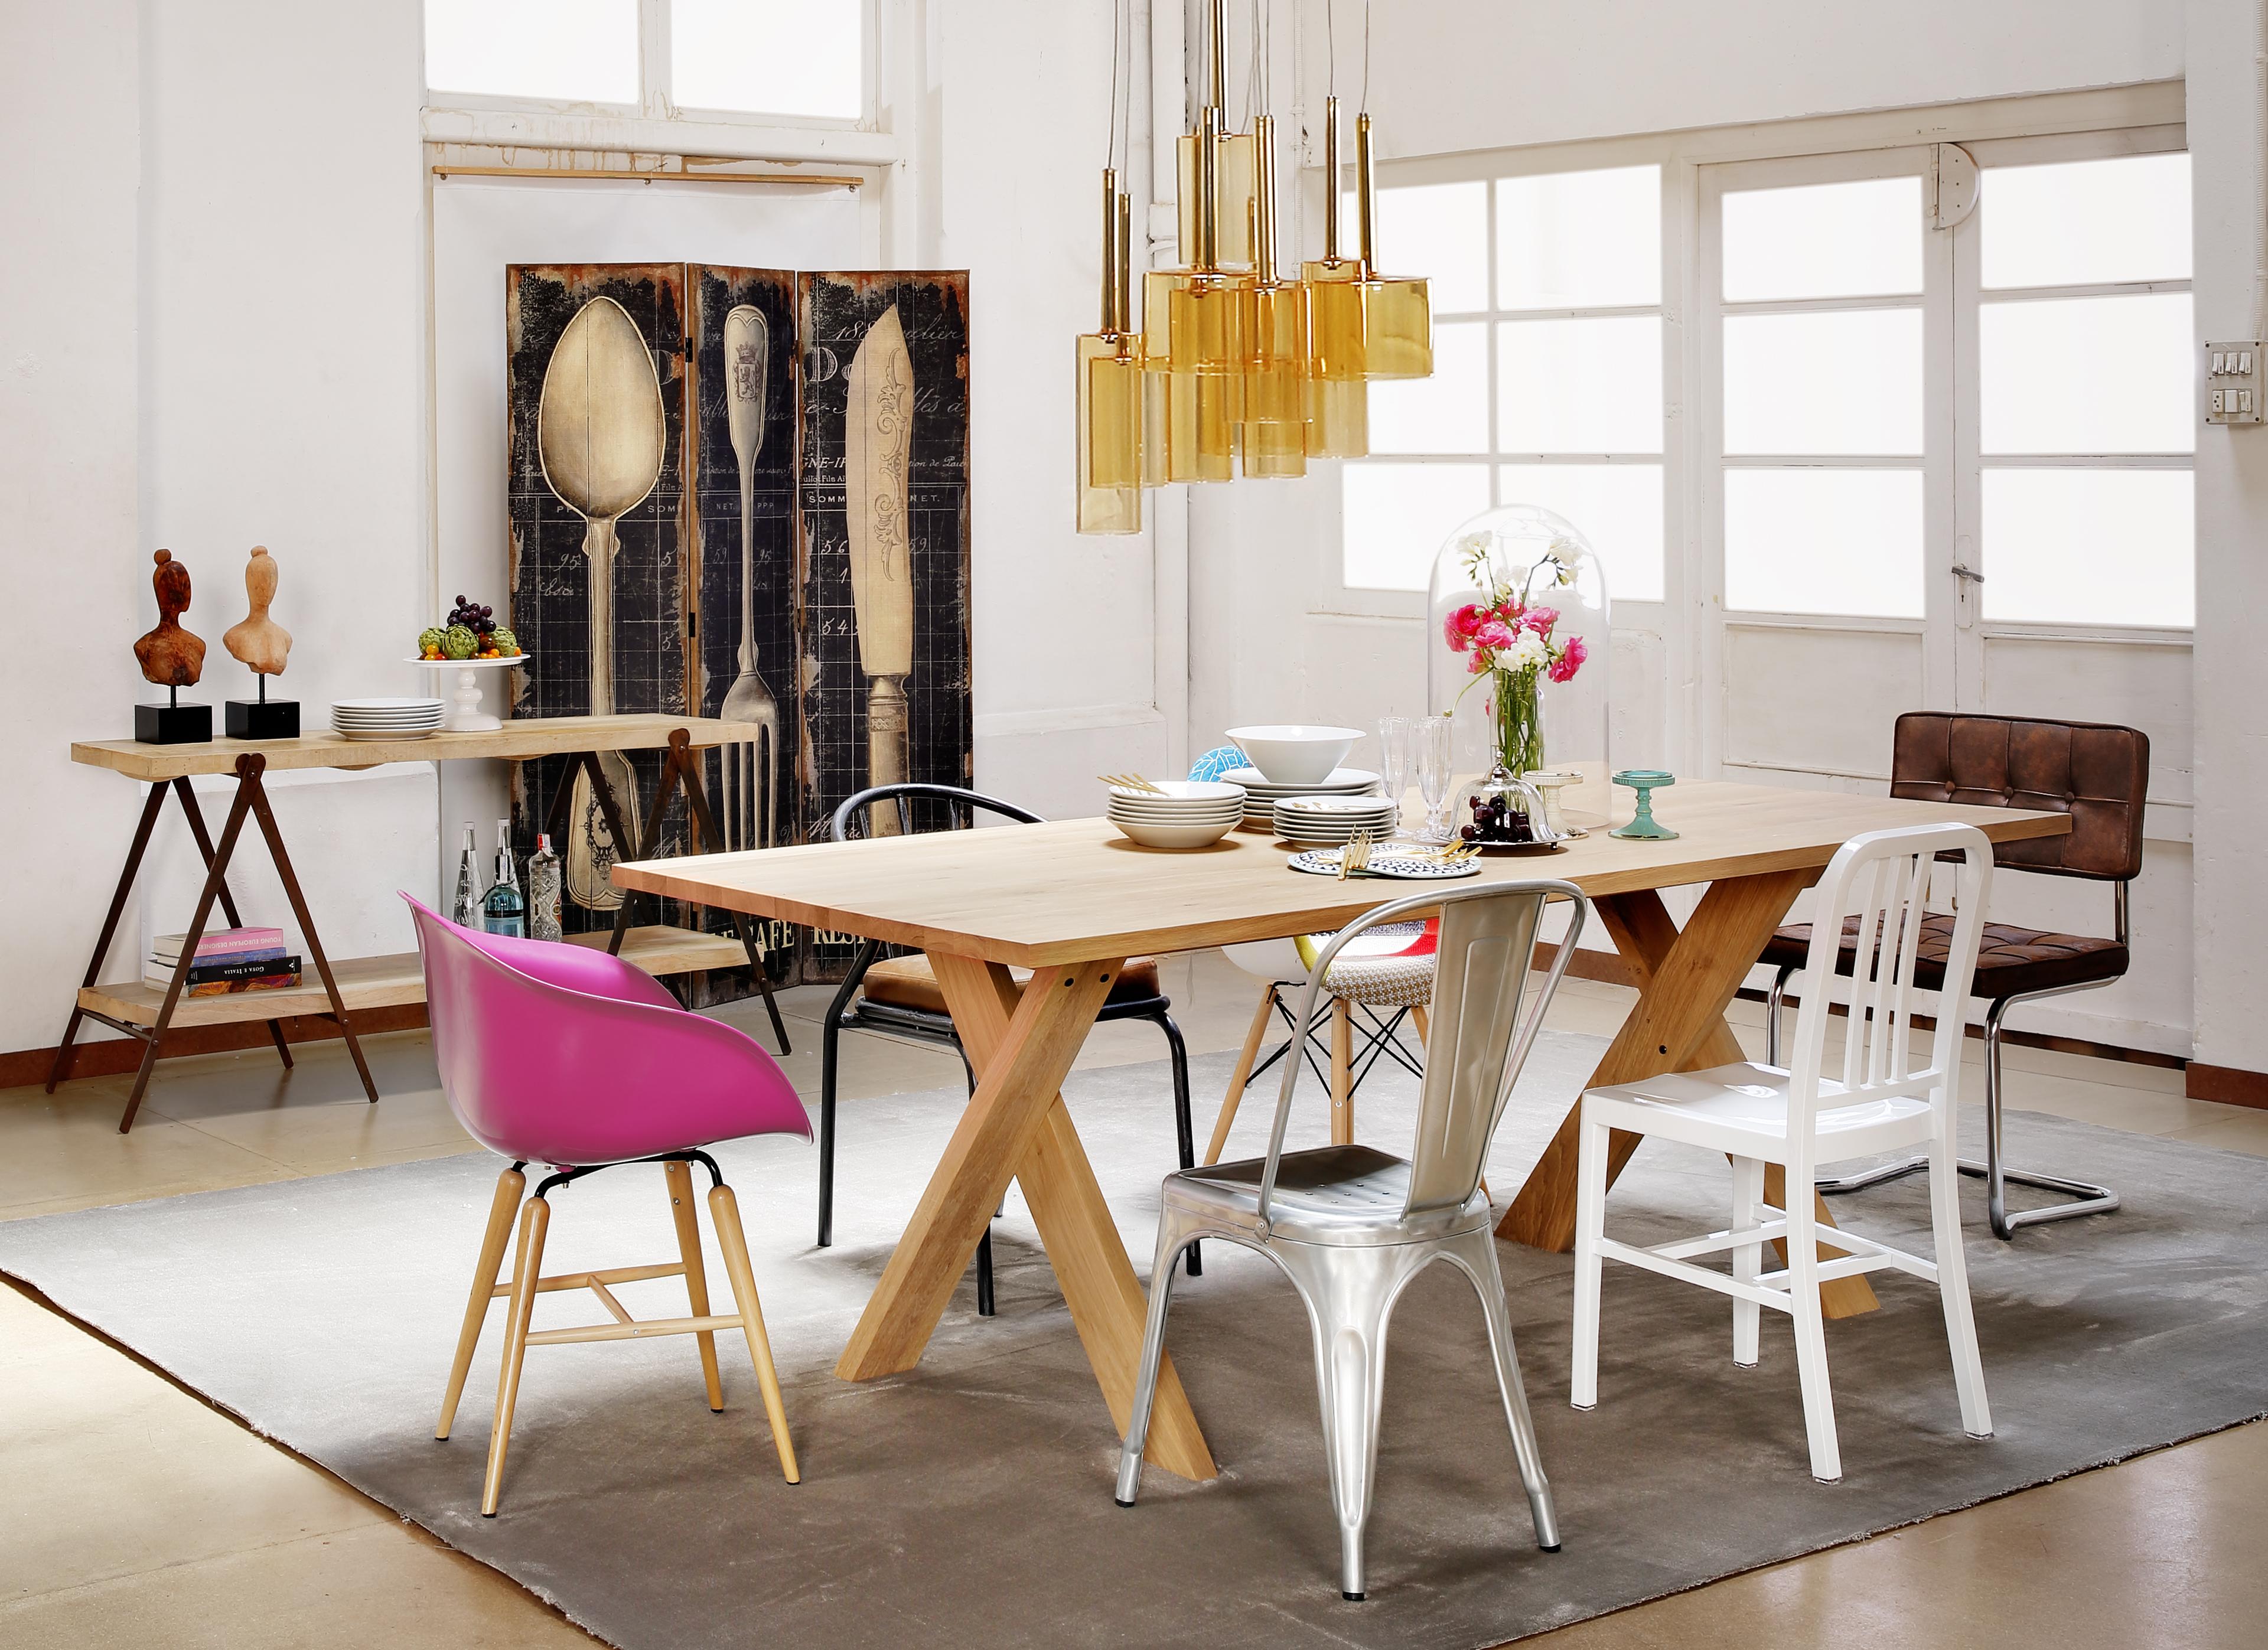 Renueva tu comedor en nuestras rebajas la oca es inspiraci n for Comedor sillas de colores